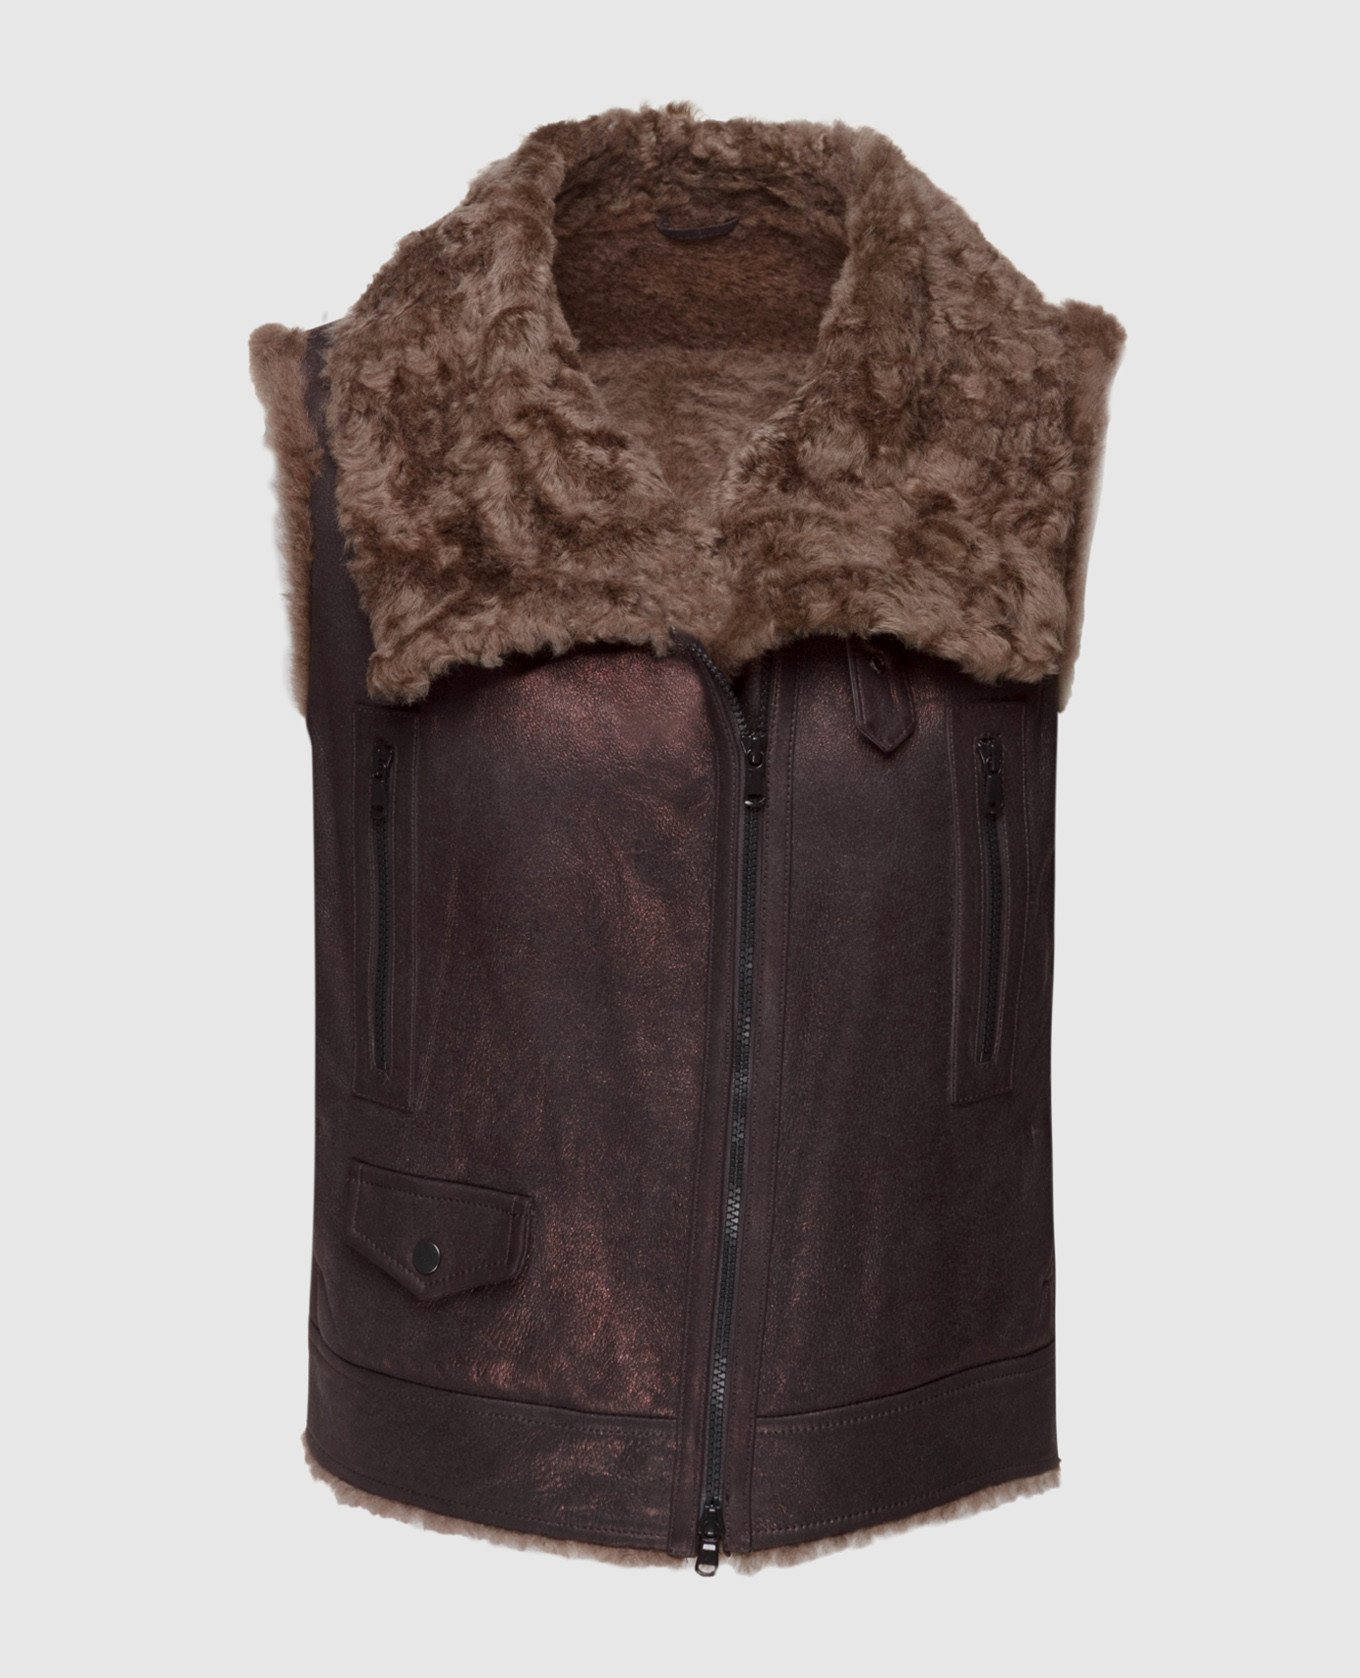 Коричневый кожаный жилет с мехом барашка